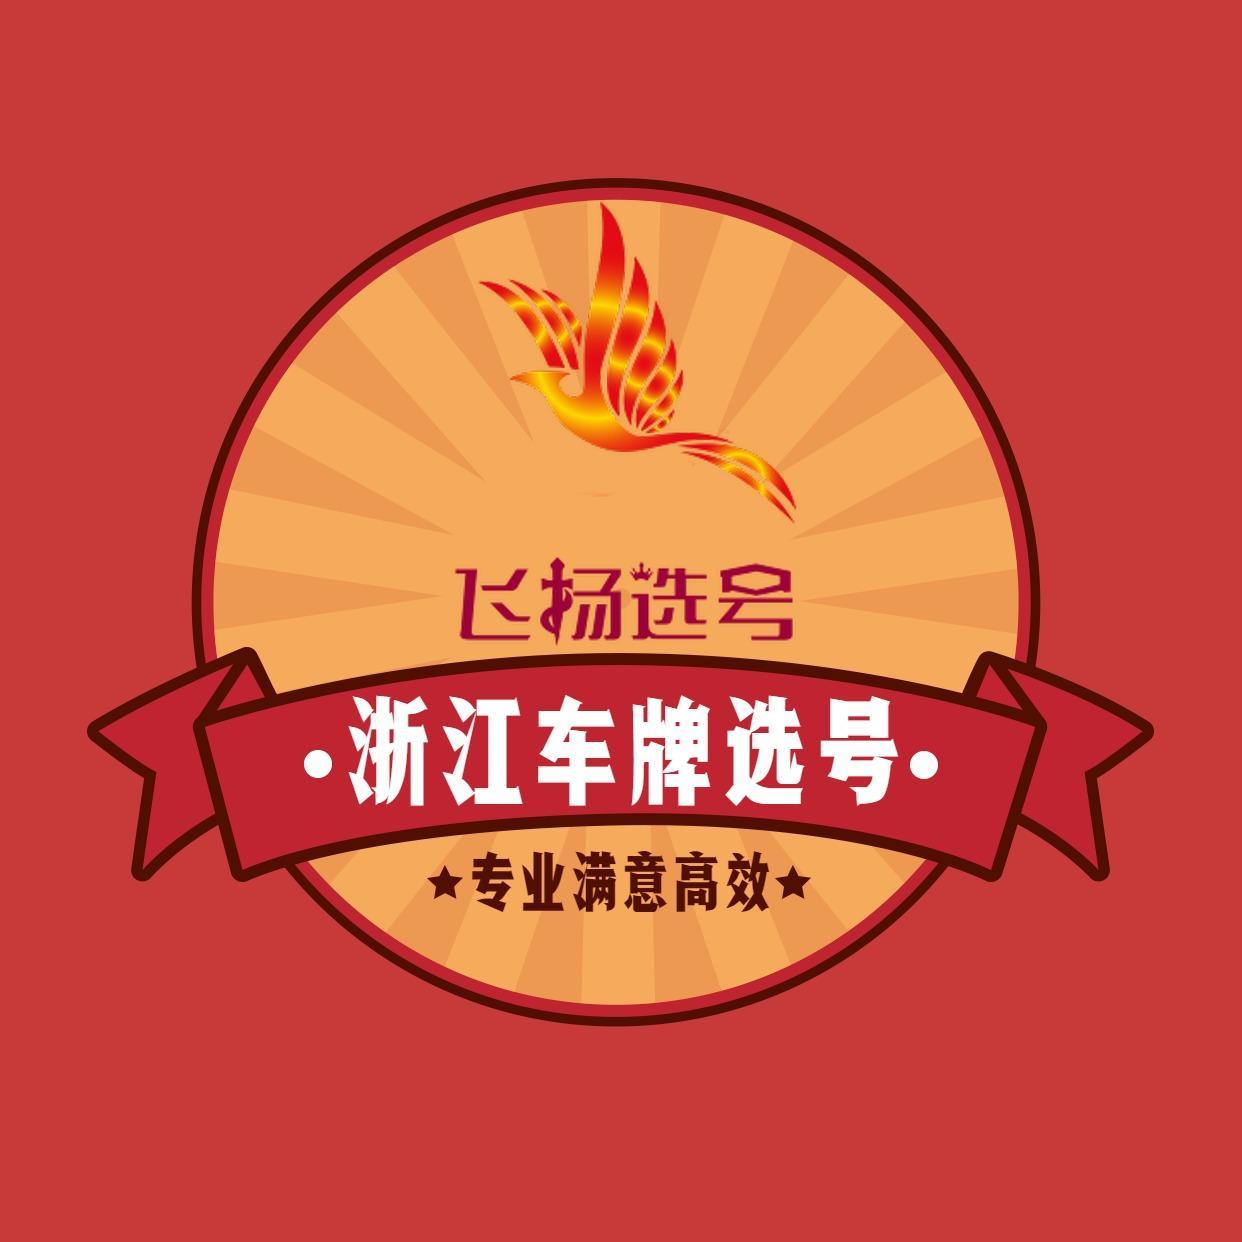 杭州宁波温州绍兴湖州嘉兴金华义乌衢州台州丽水自编自选上牌选号